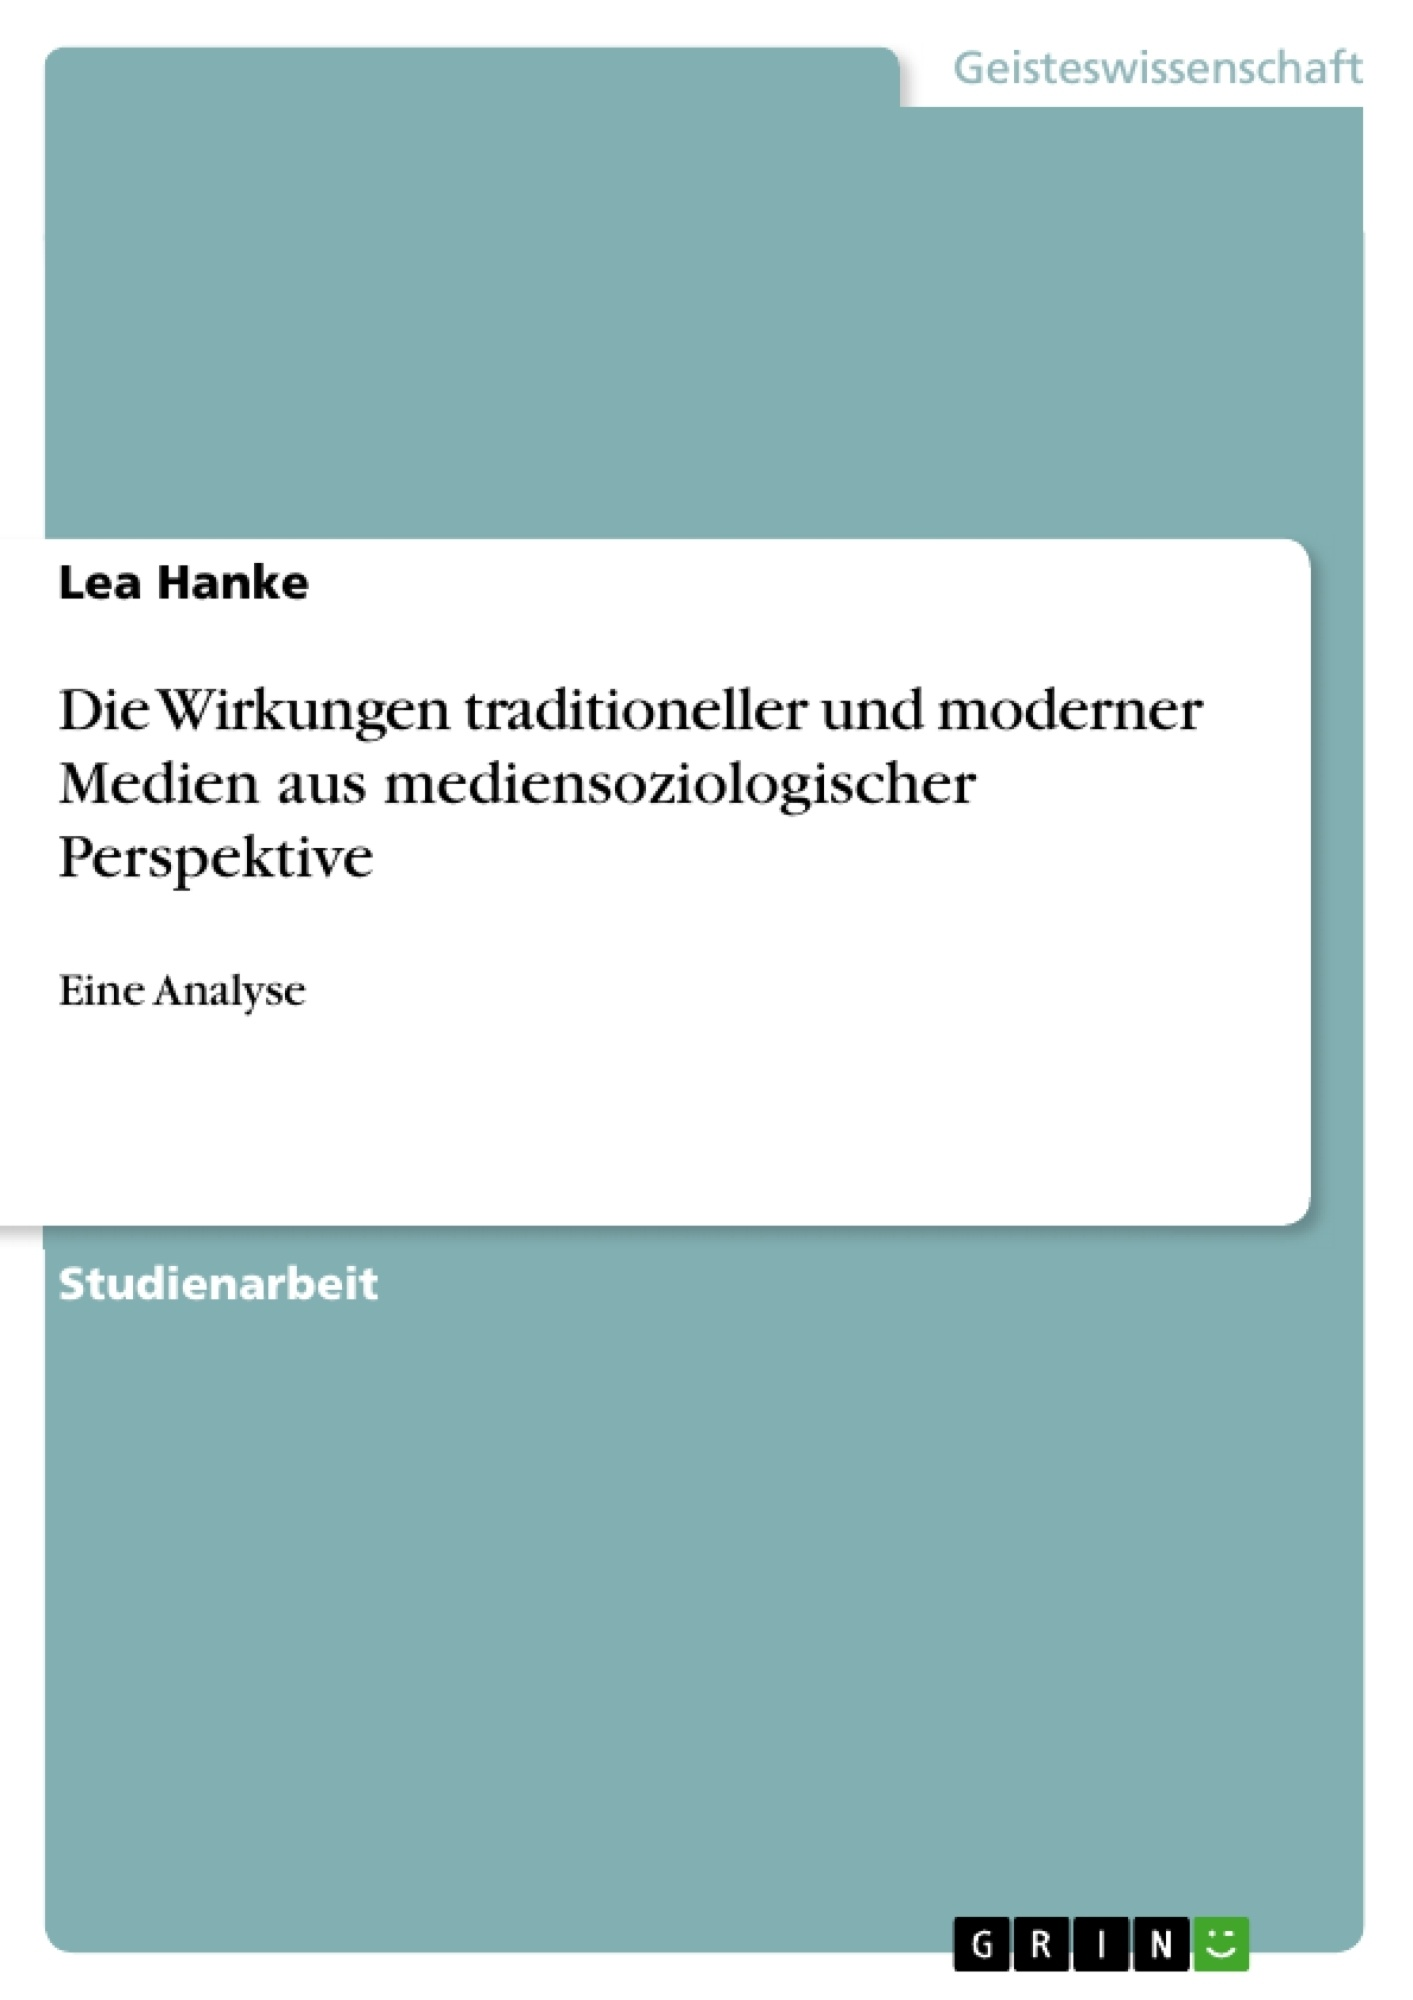 Titel: Die Wirkungen traditioneller und moderner Medien aus mediensoziologischer Perspektive